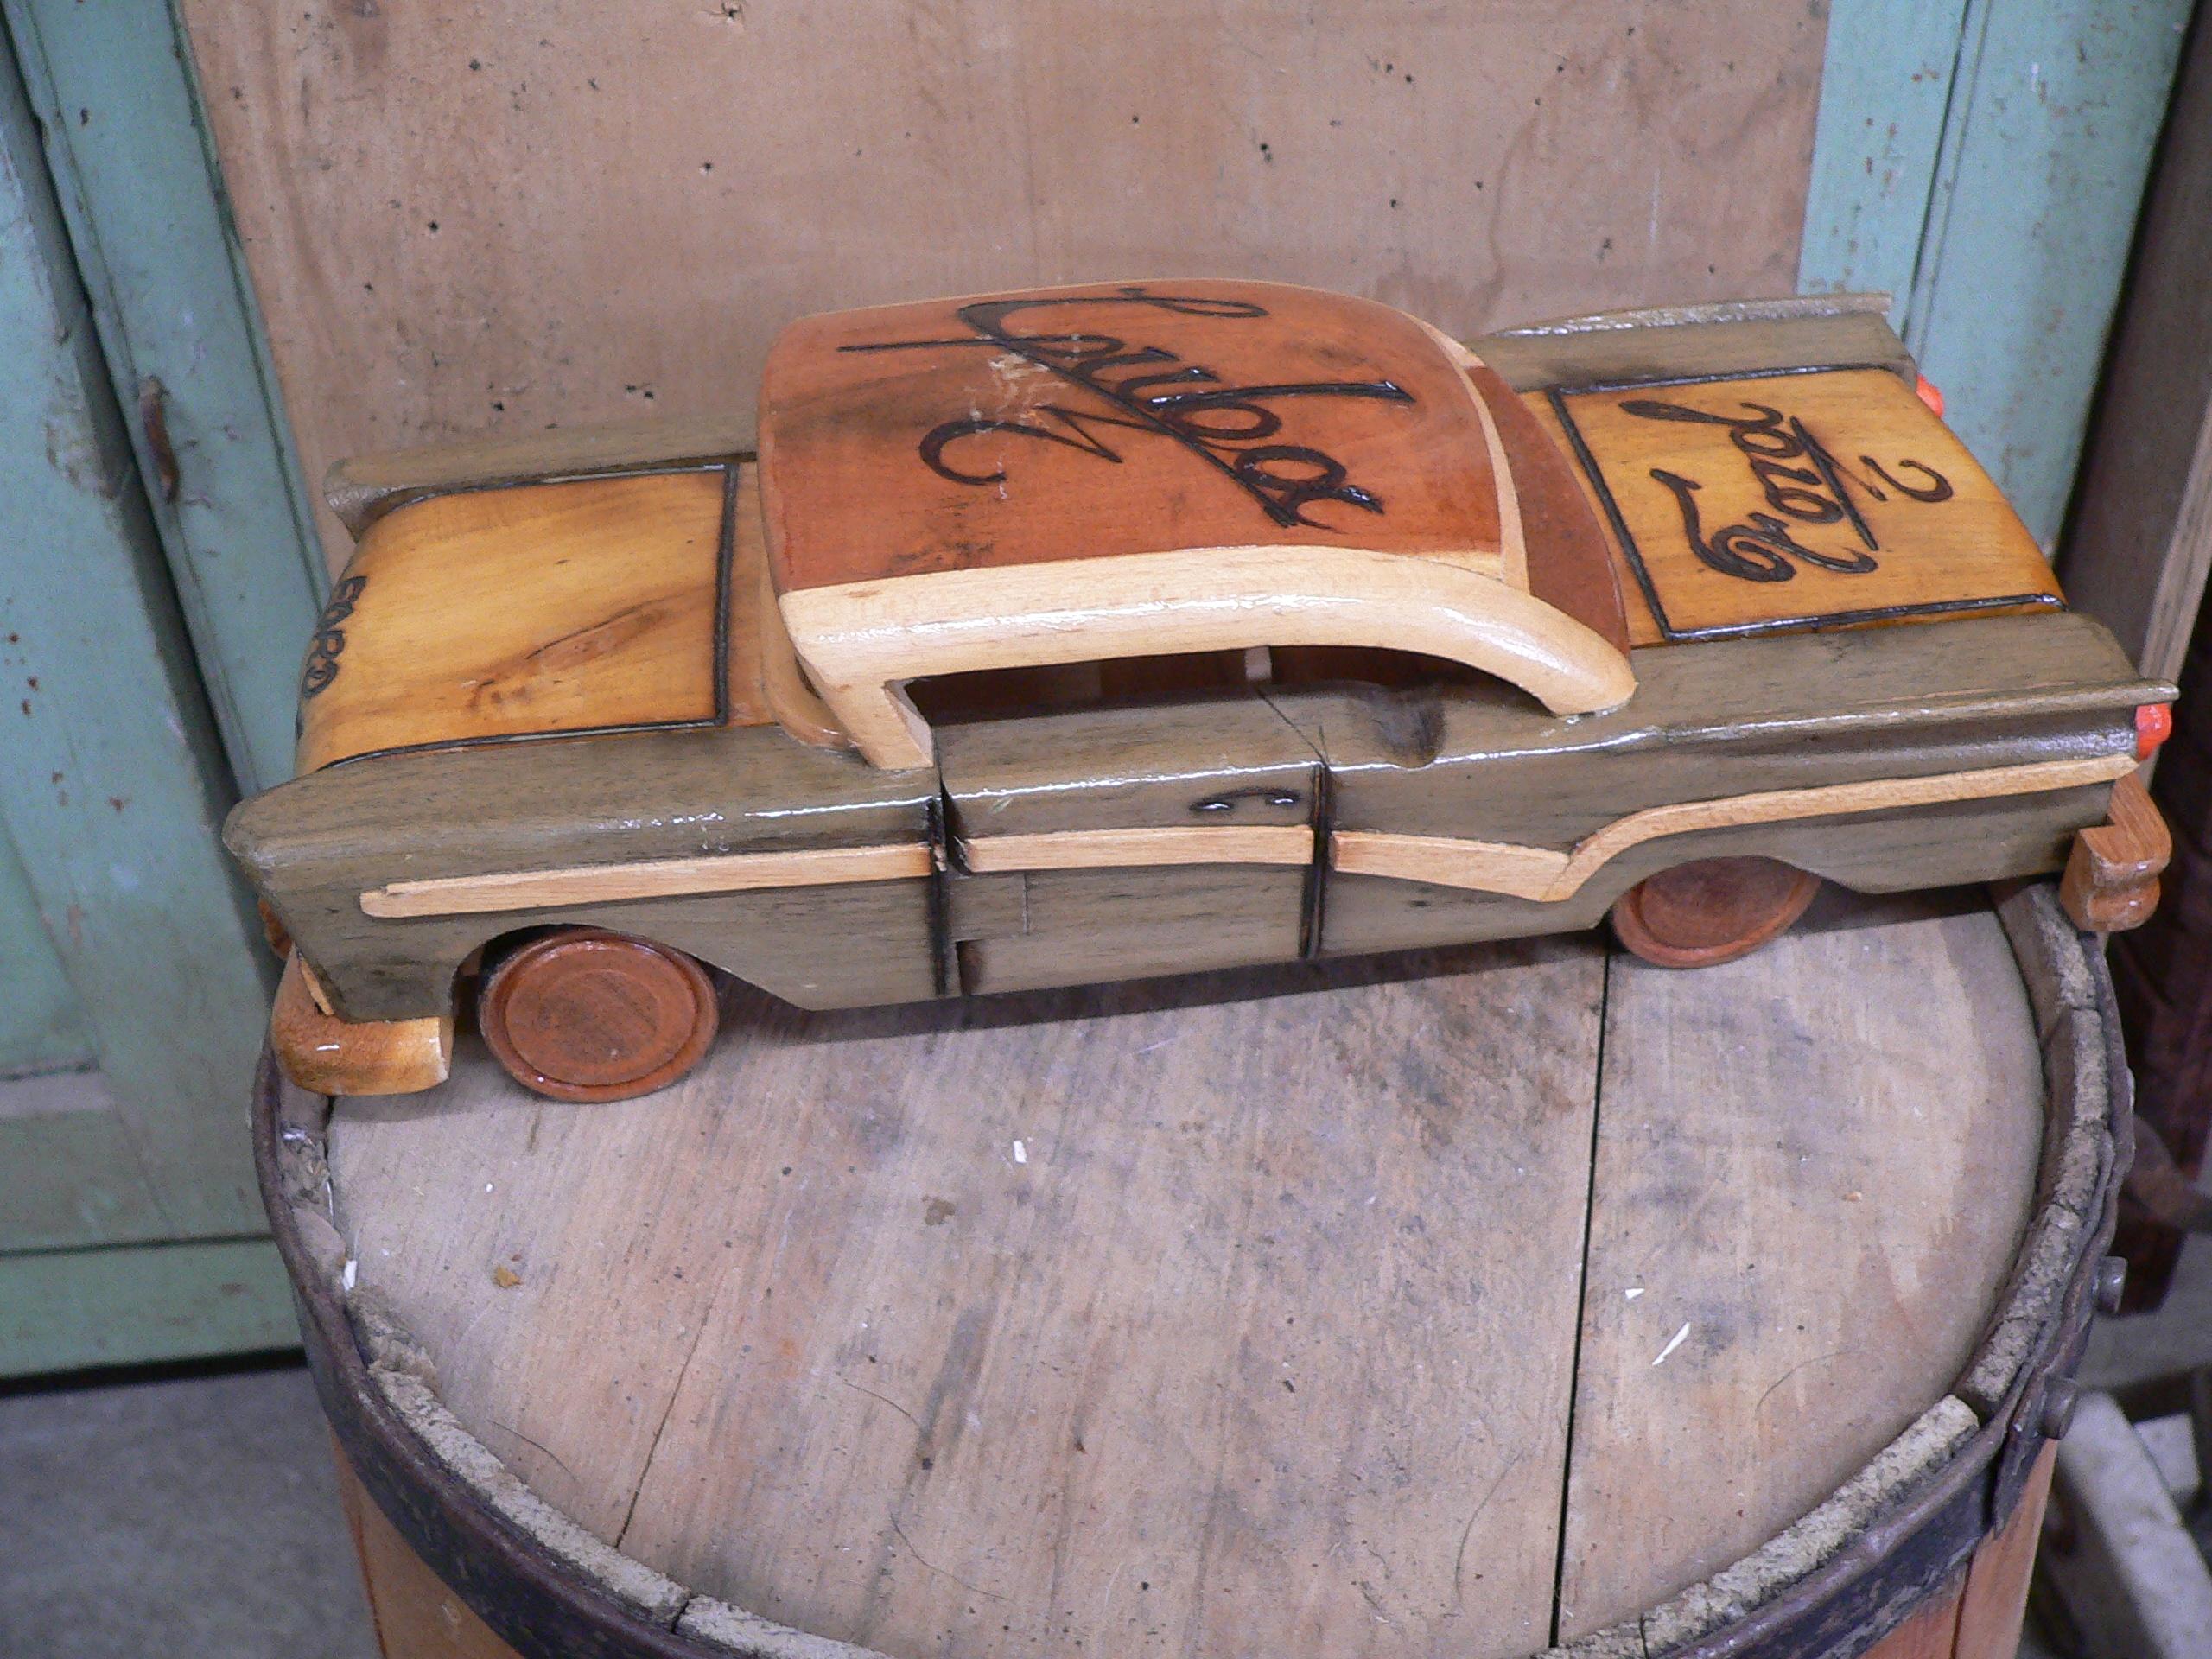 Voiture en bois fait par un artisan # 5335